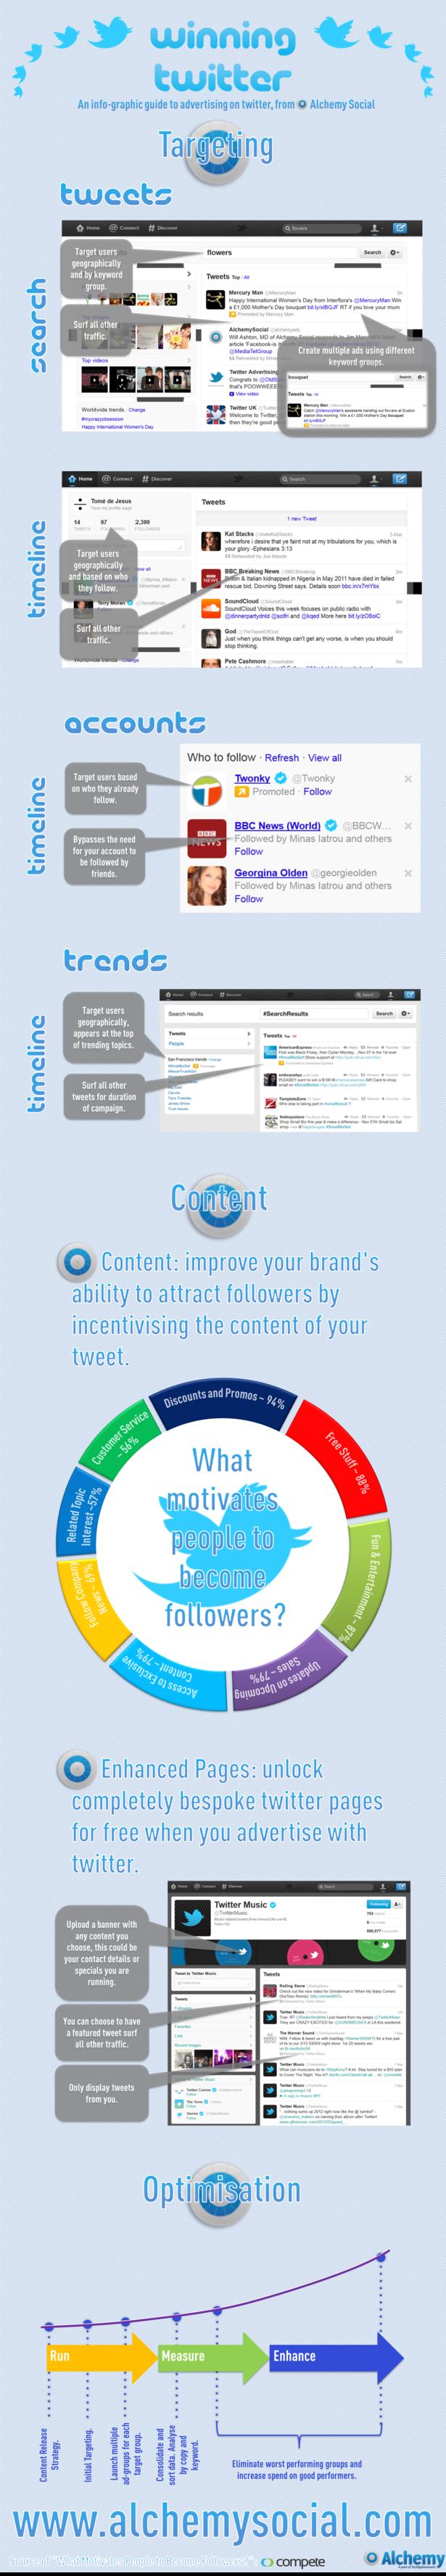 Ръководство за таргетирана реклама в Twitter